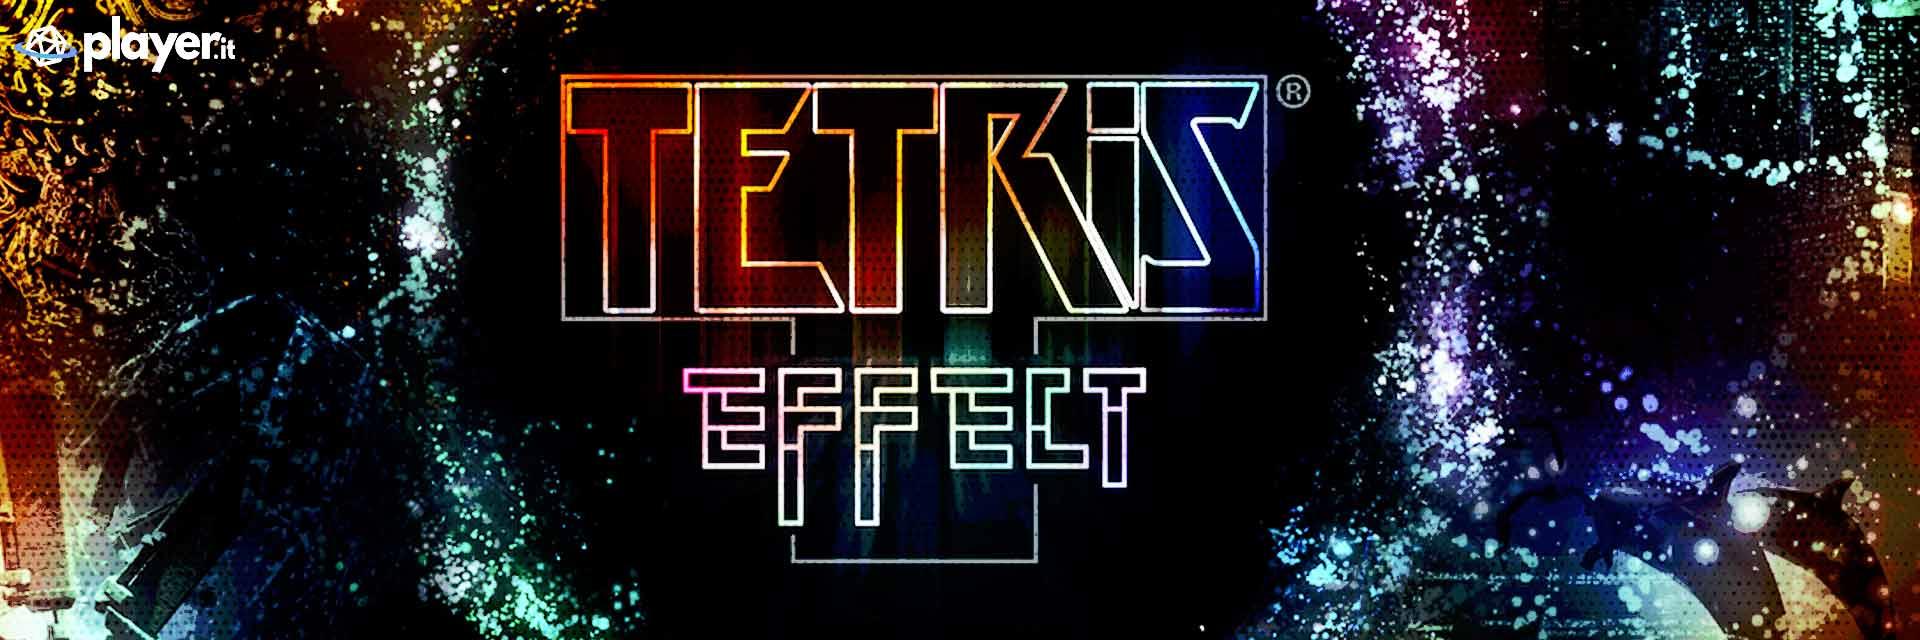 tetris effect wallpaper in hd